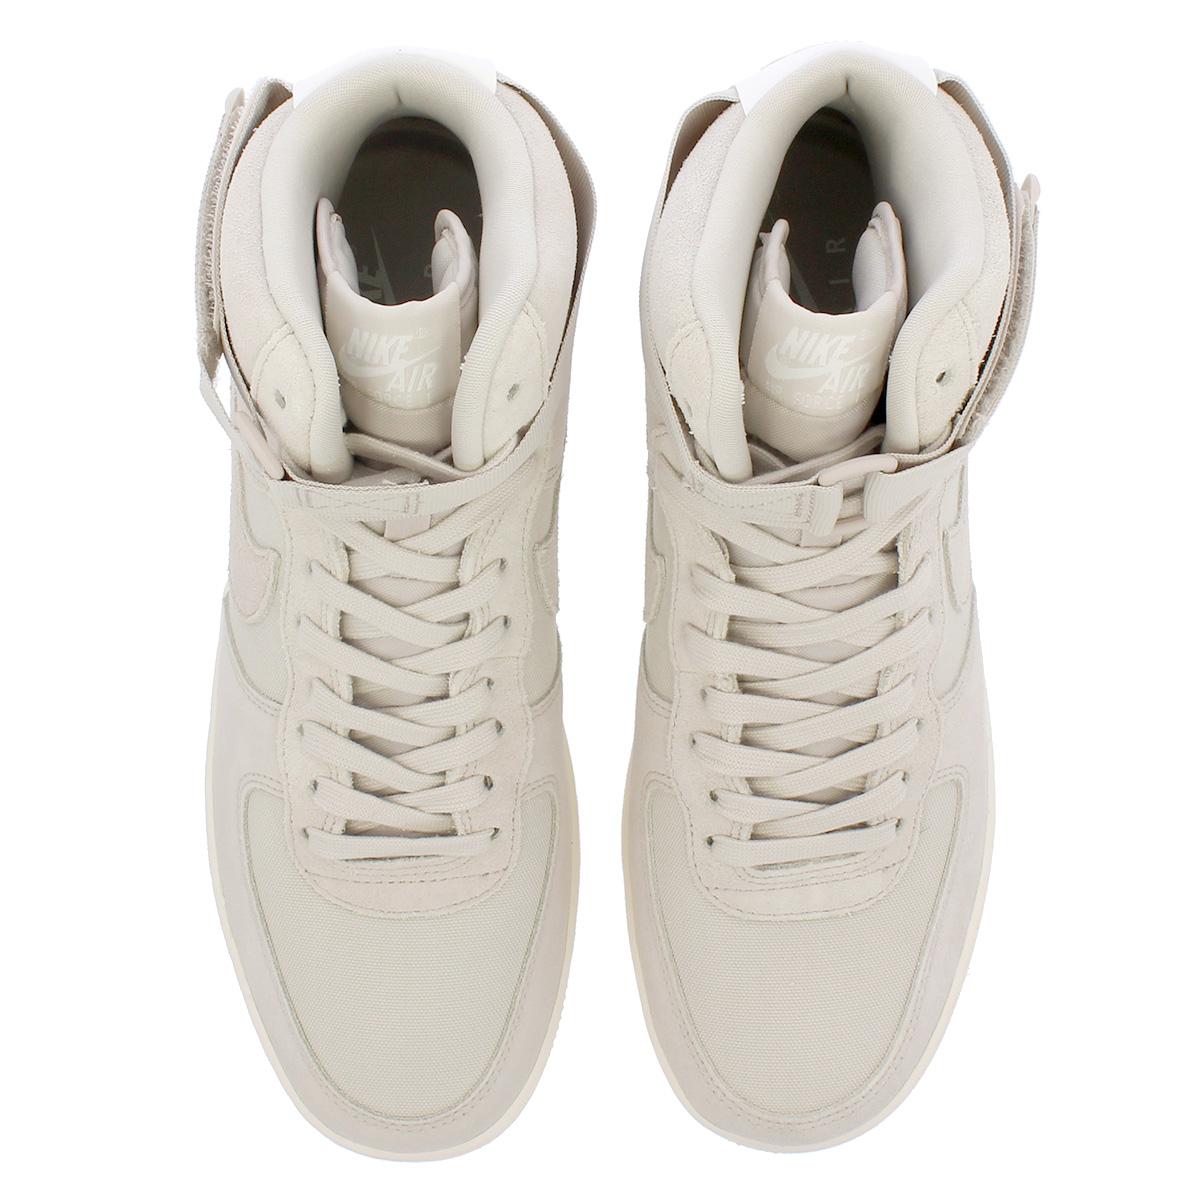 cc50c1da6f321 NIKE AIR FORCE 1 HIGH 07 SUEDE Nike air force 1 high 07 suede BEIGE CREAM  WHITE WHITE aq8649-001